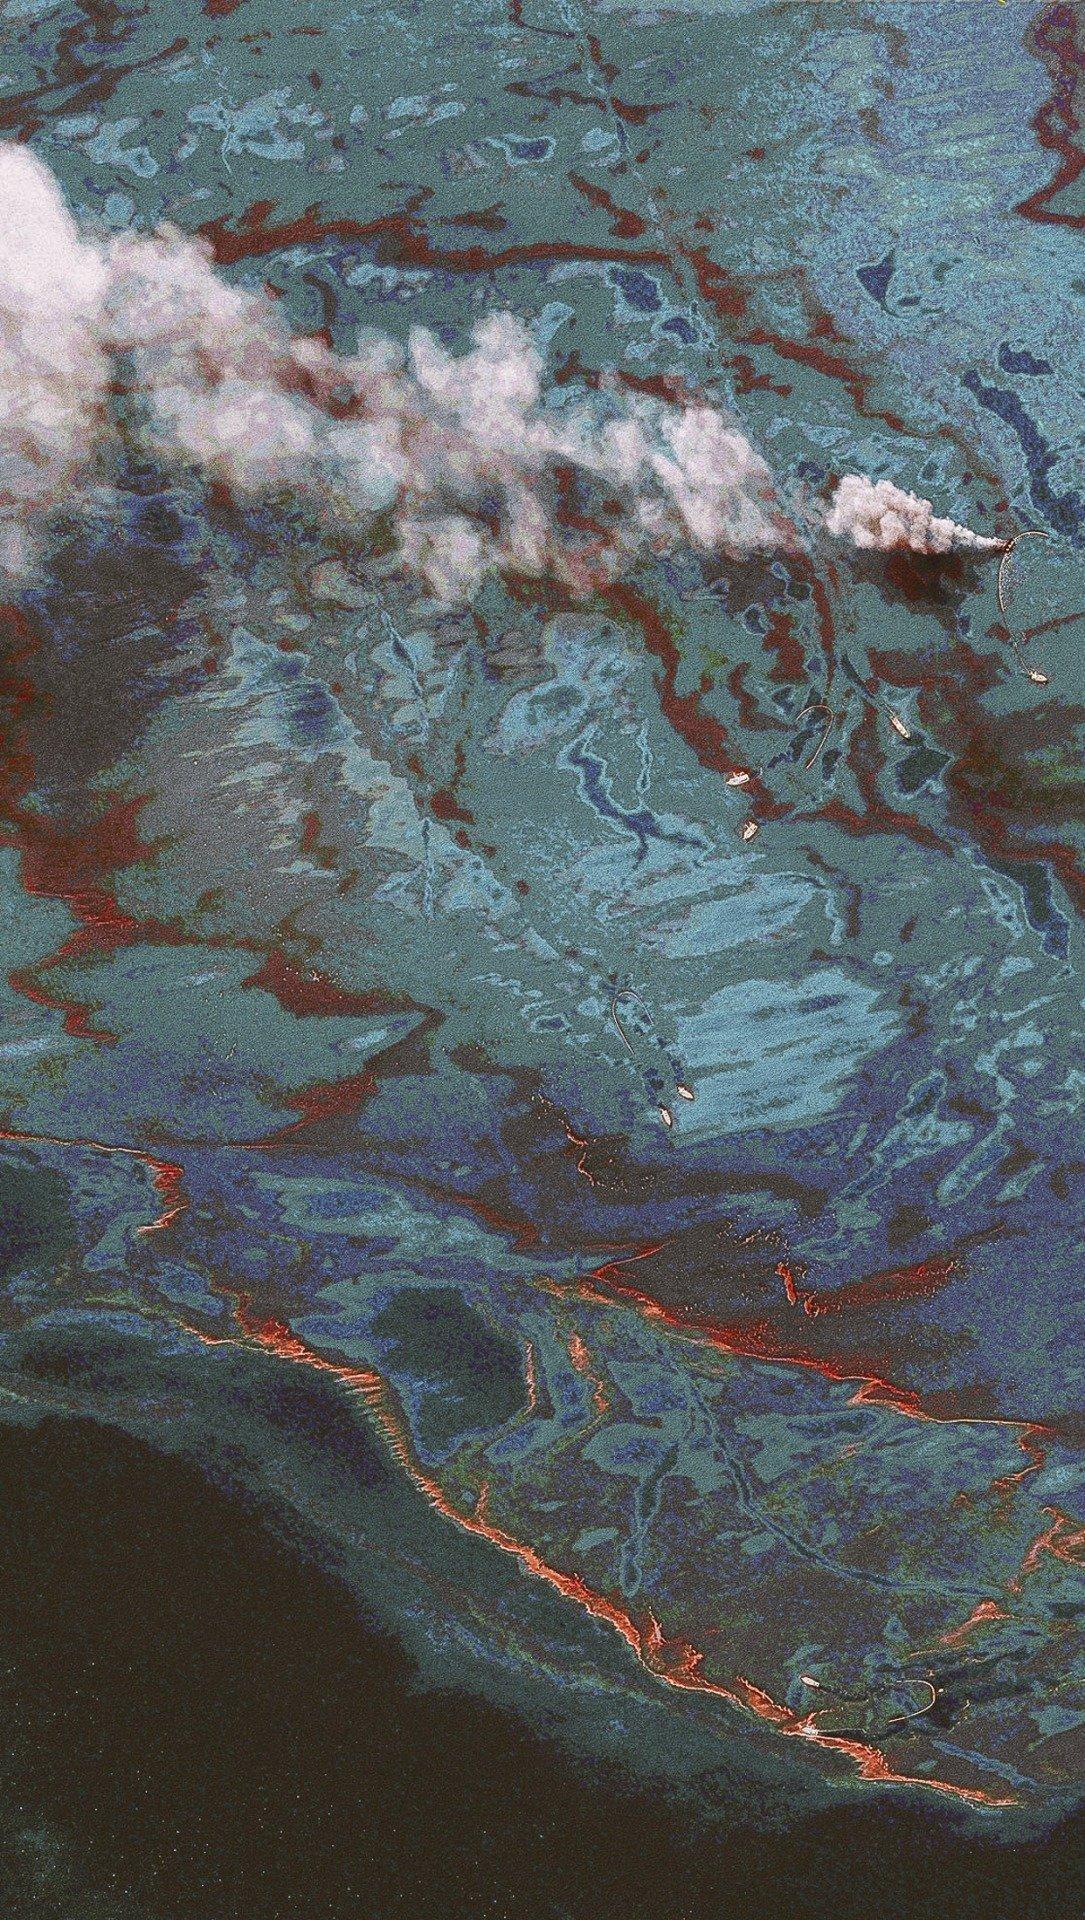 Фотографии Земли в качестве обоев для телефона - Изображение 4